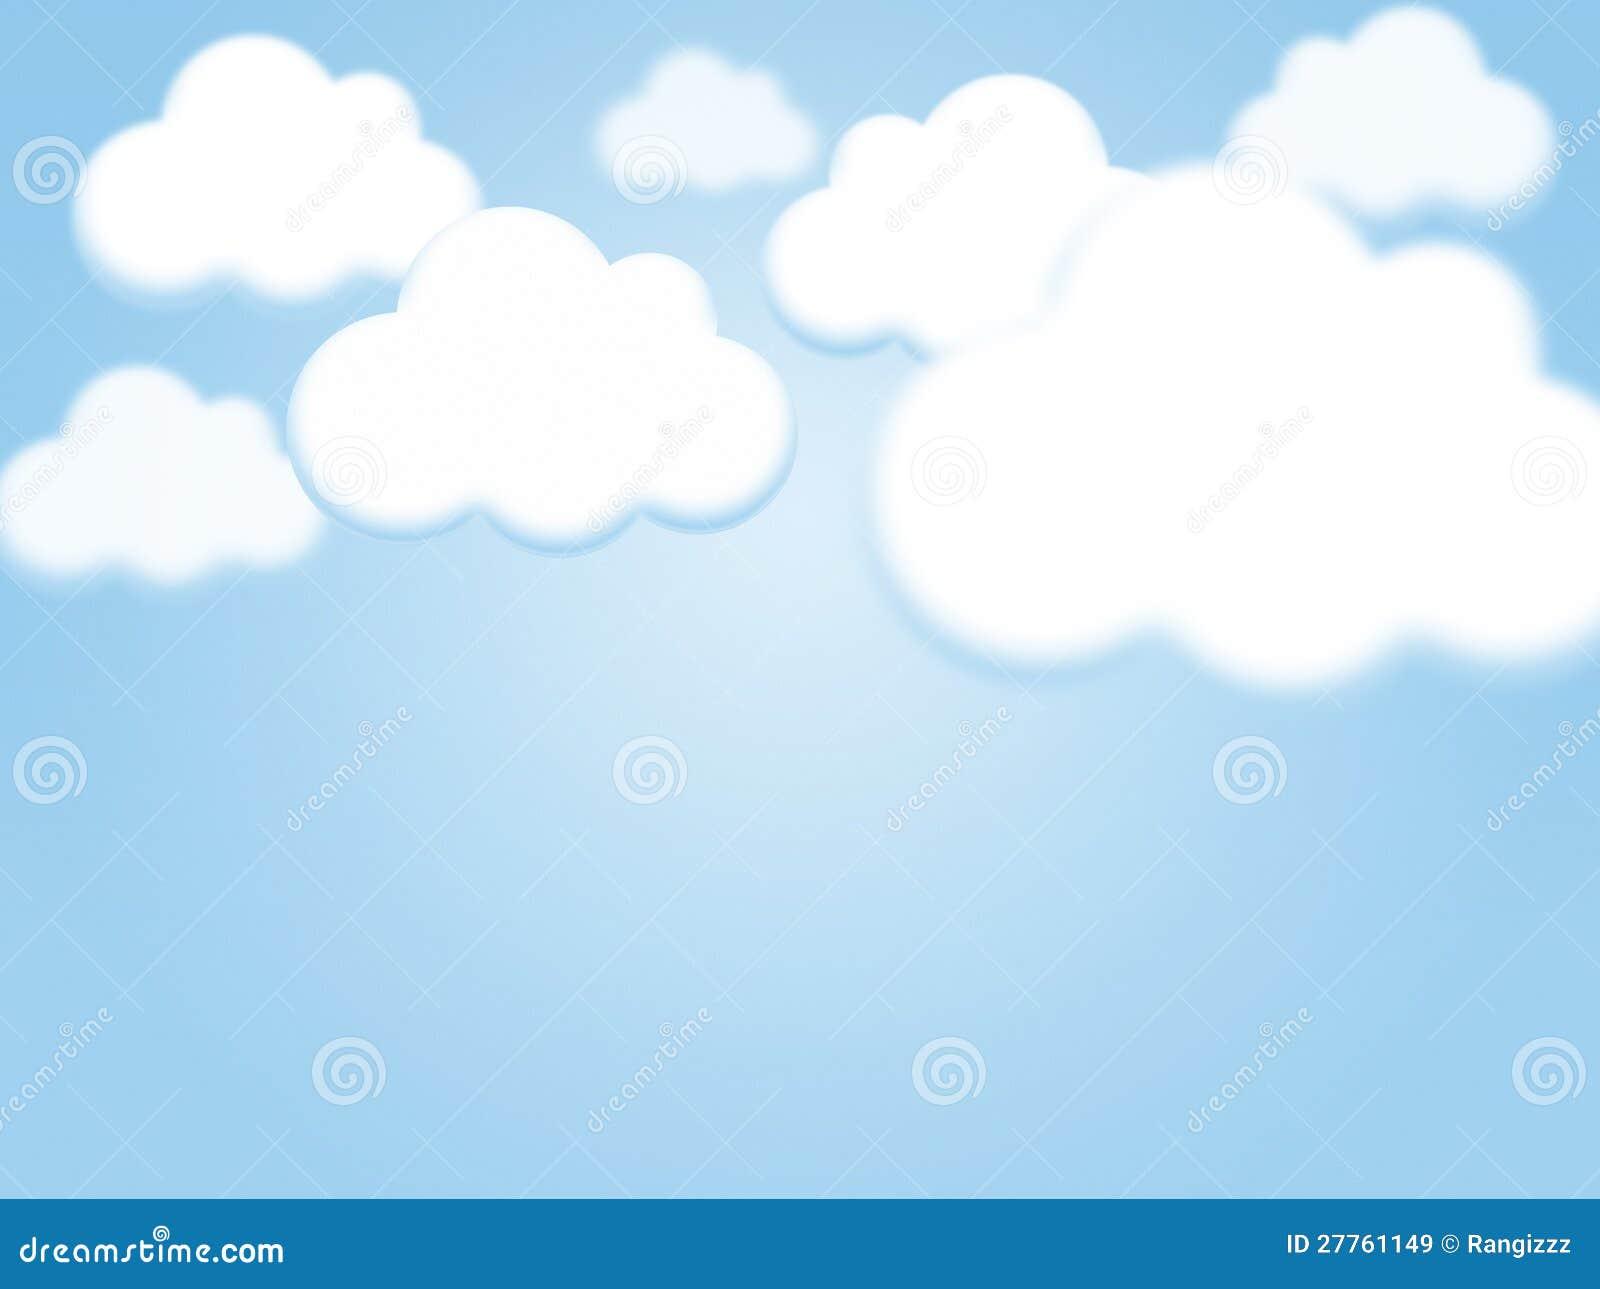 成人电影天空_与复制空间的天空背景